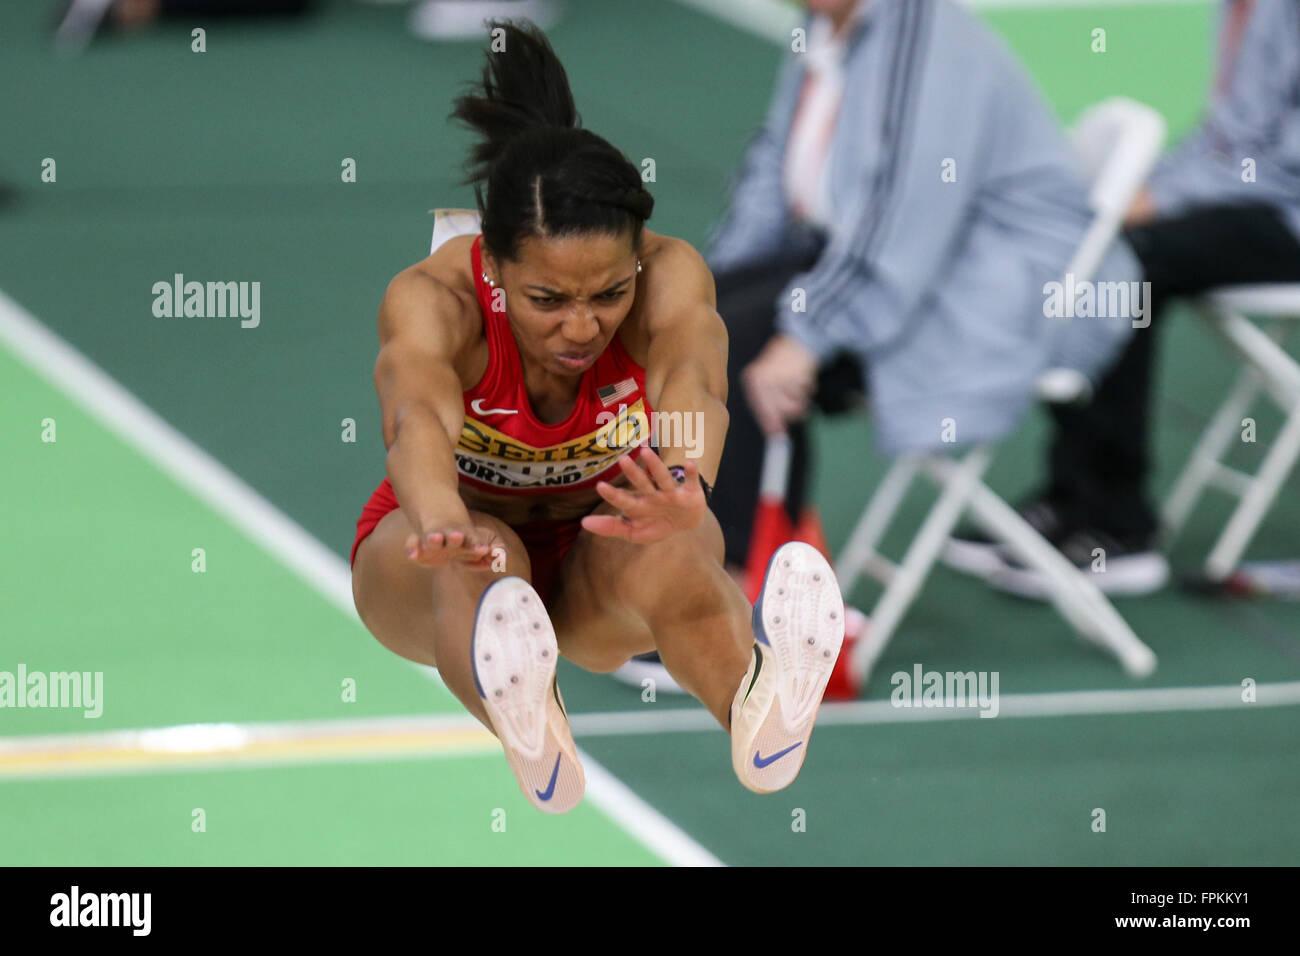 En Portland, Oregón, EE.UU. Marzo 18, 2016 - KENDELL WILLIAMS salta en el pentatlón en el 2016 IAAF World Imagen De Stock